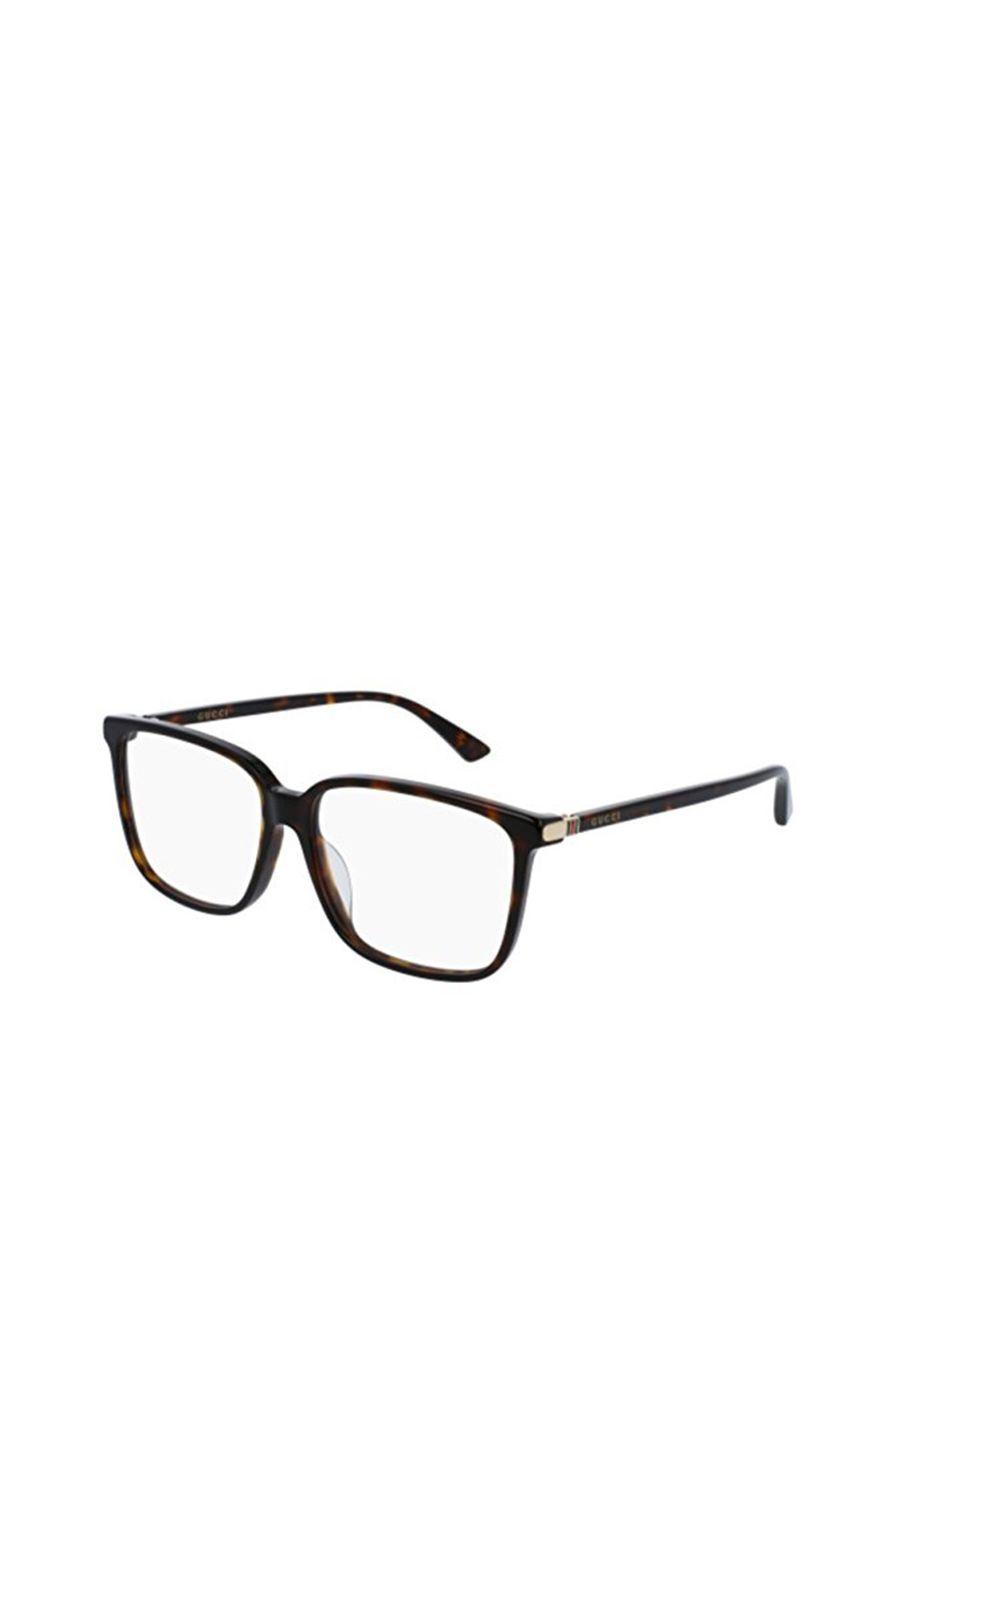 Óculos de Grau Gucci GG019 O 002. undefined b614c2c8a7